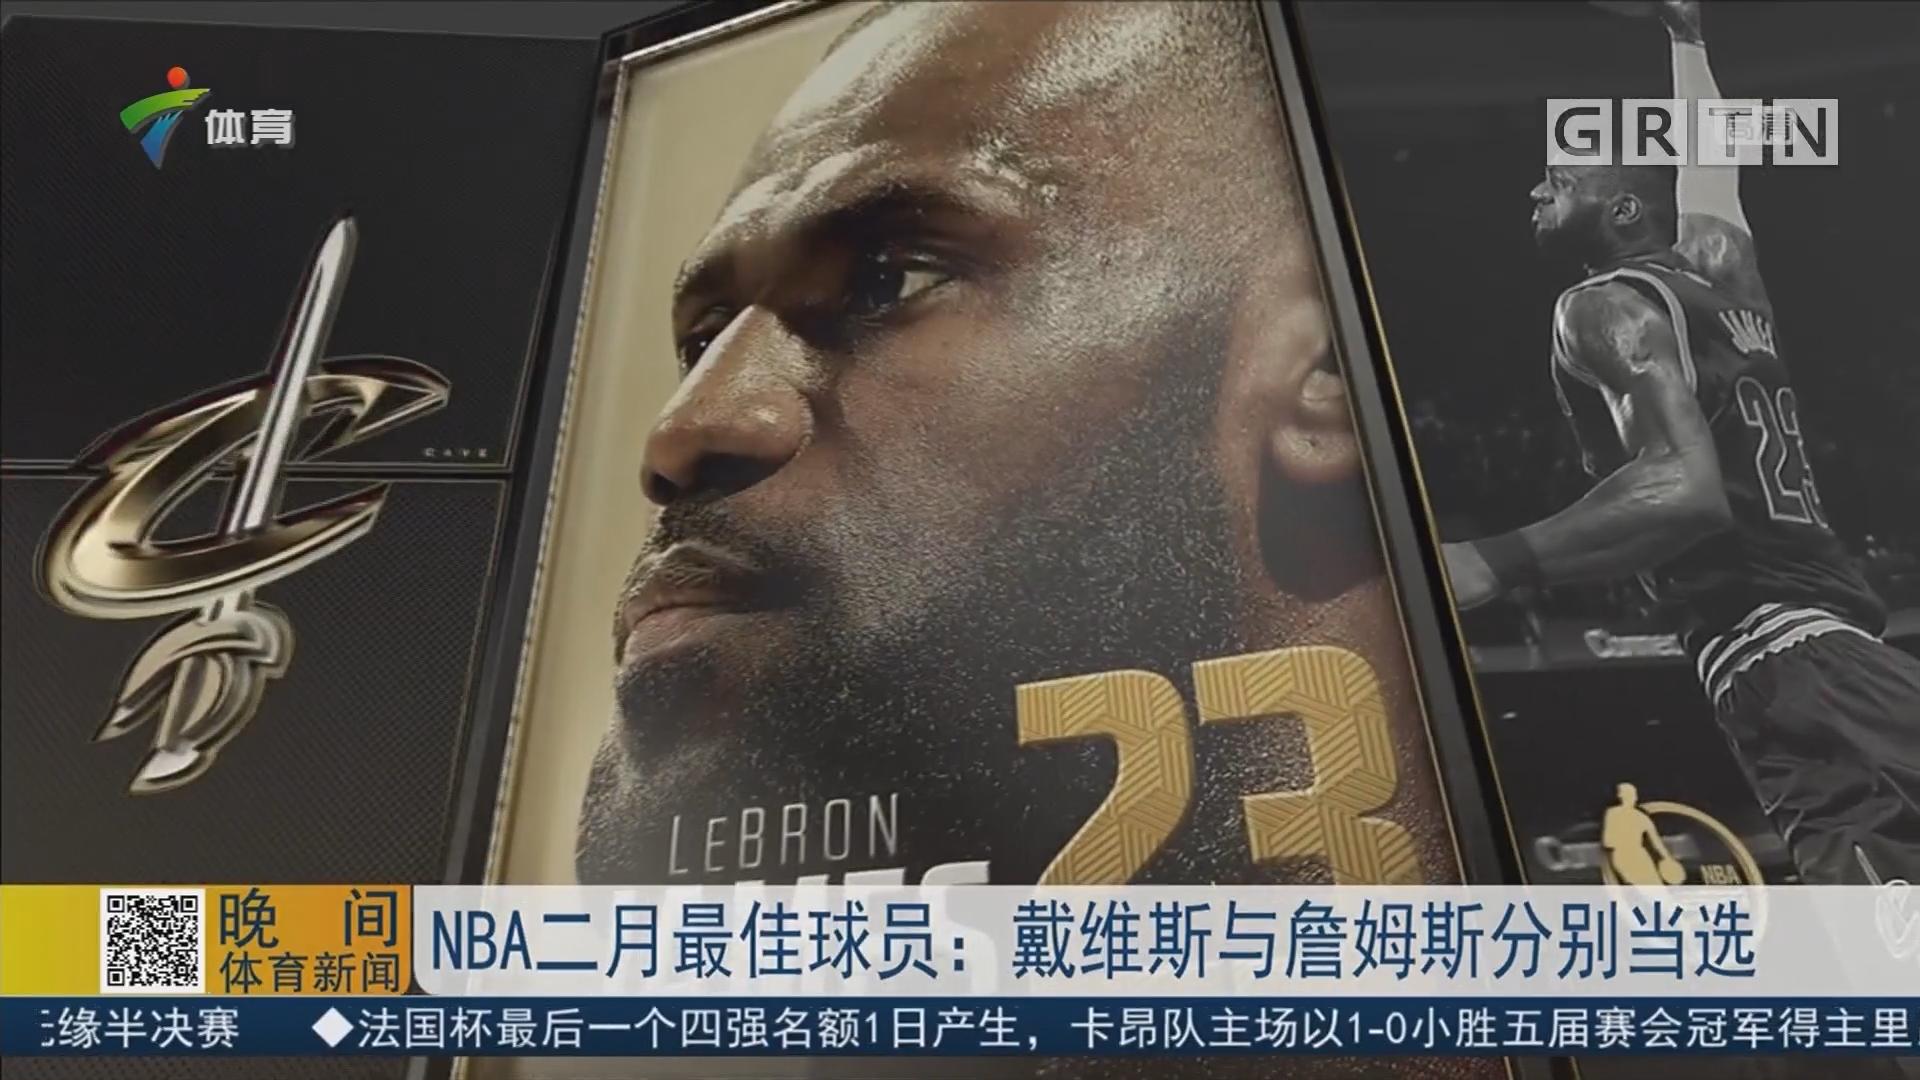 NBA二月最佳球员:戴维斯与詹姆斯分别当选